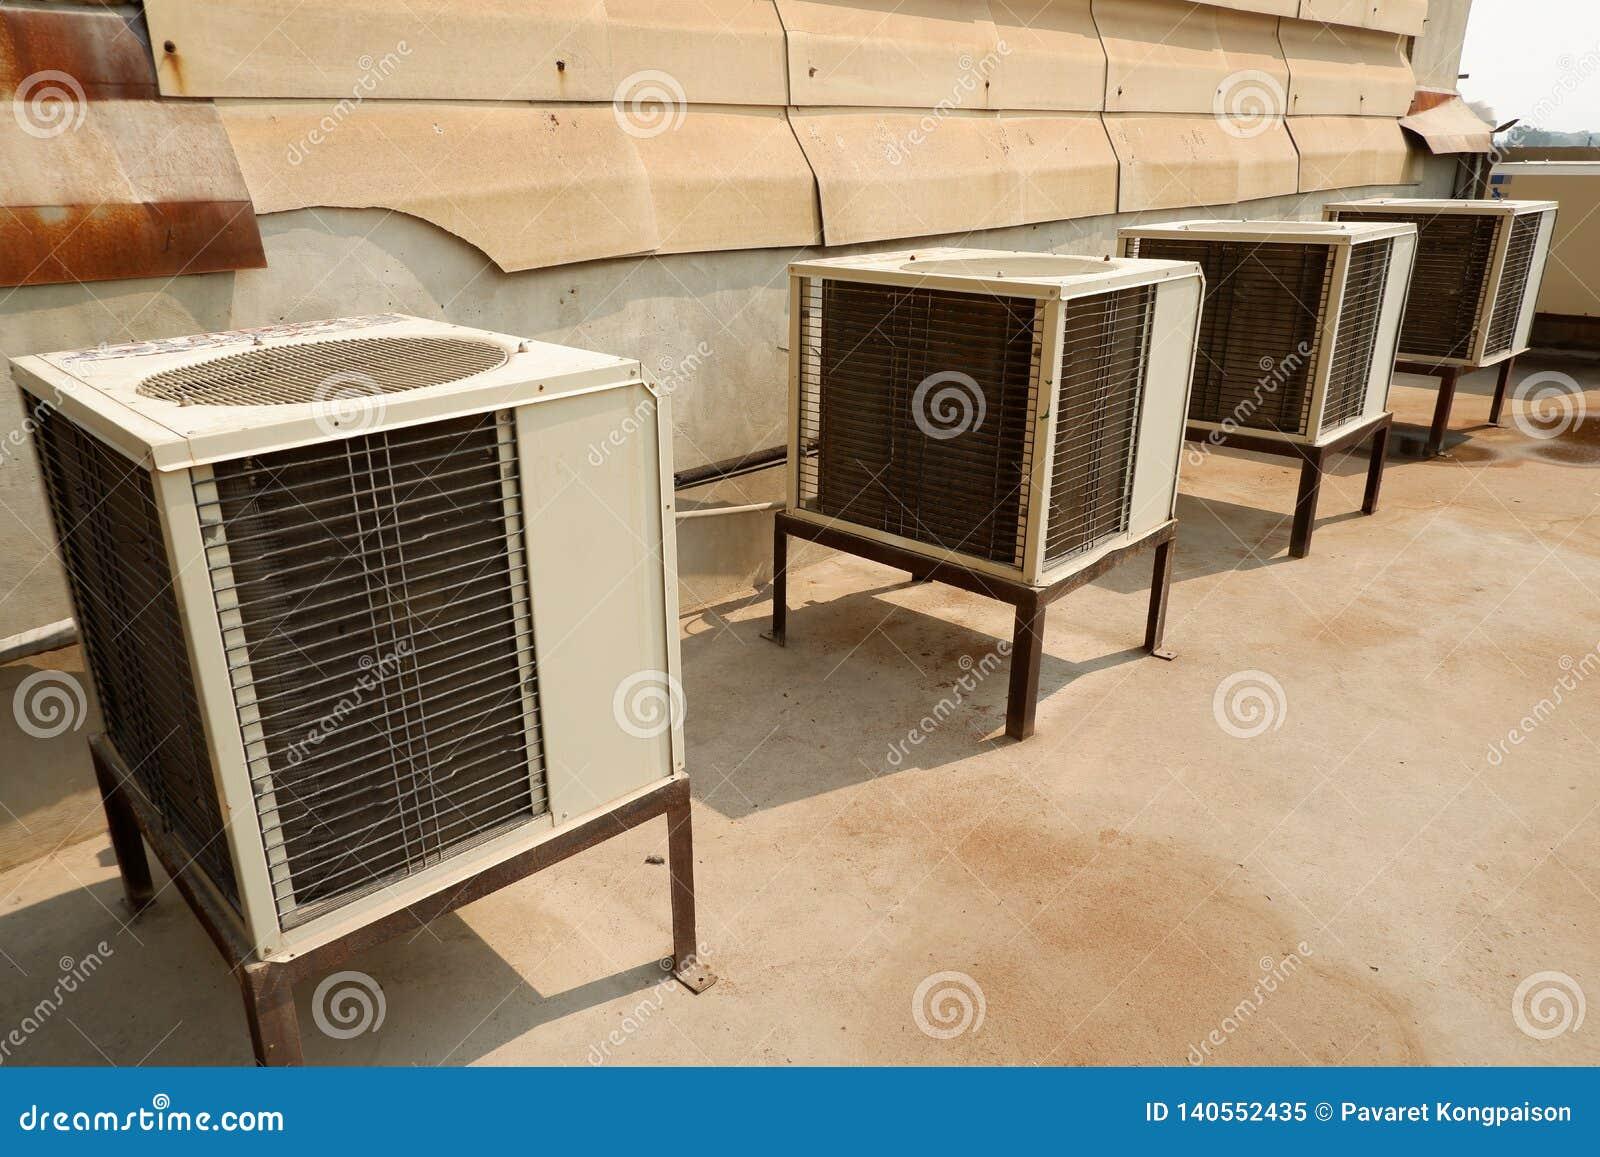 Weiße des Klimaanlagenkompressors alte und schmutzige Klimaanlagen